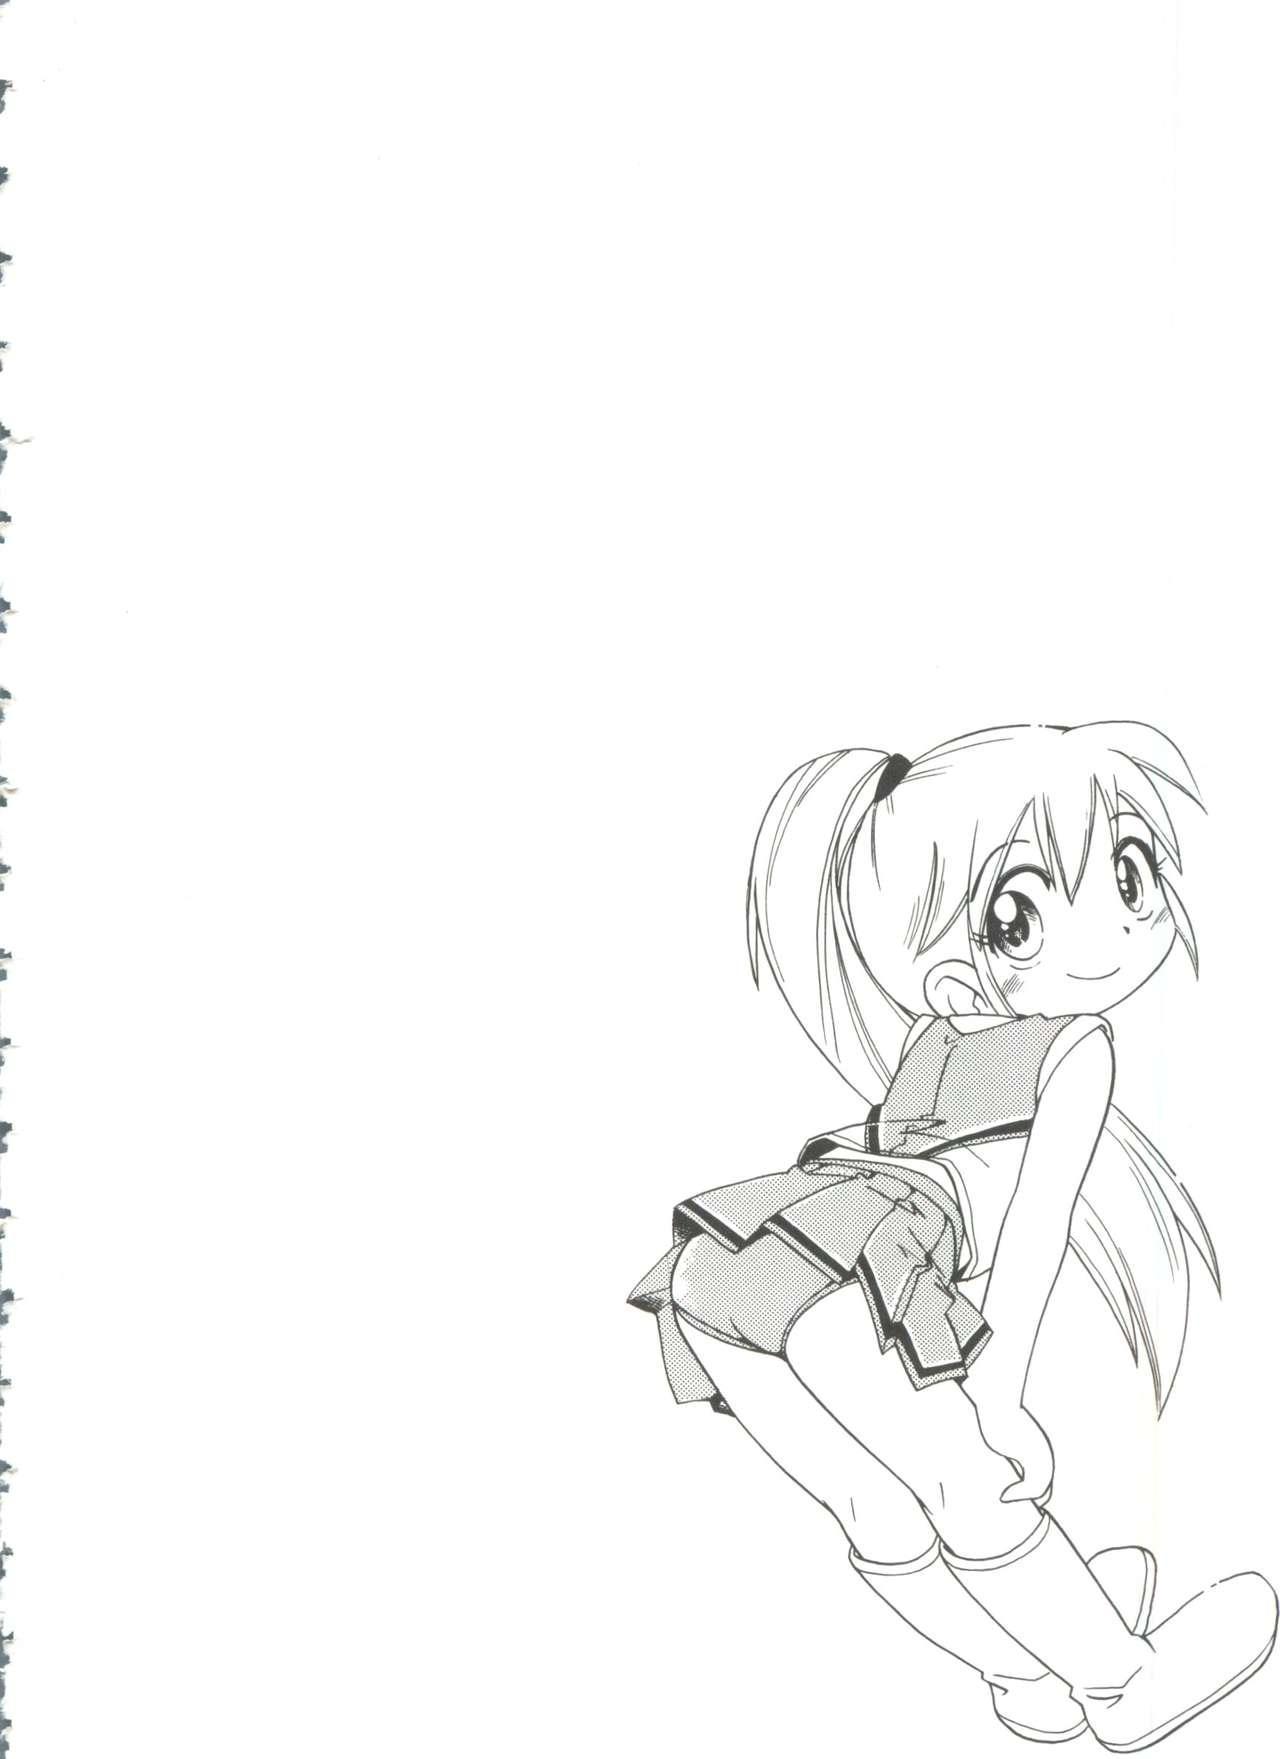 Nakayoshi-chan 57